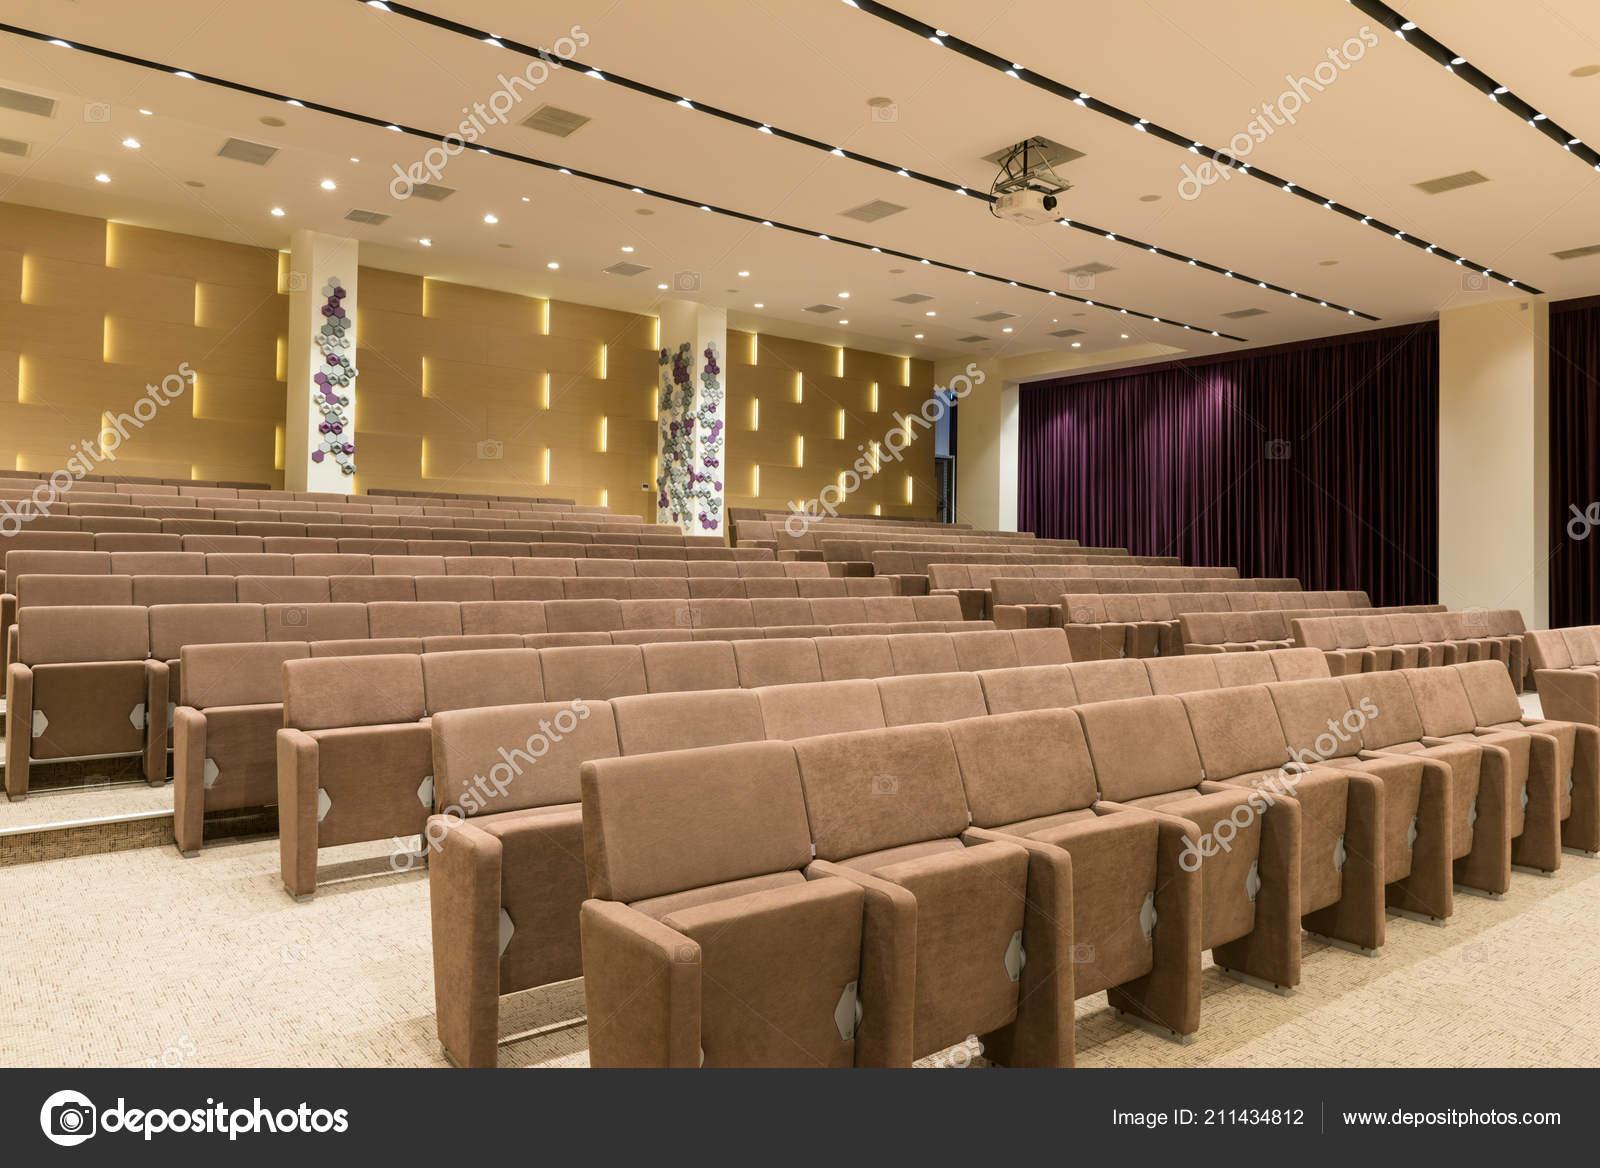 Gros Moderne Vide Salle Réunion Séminaire Conférence ...